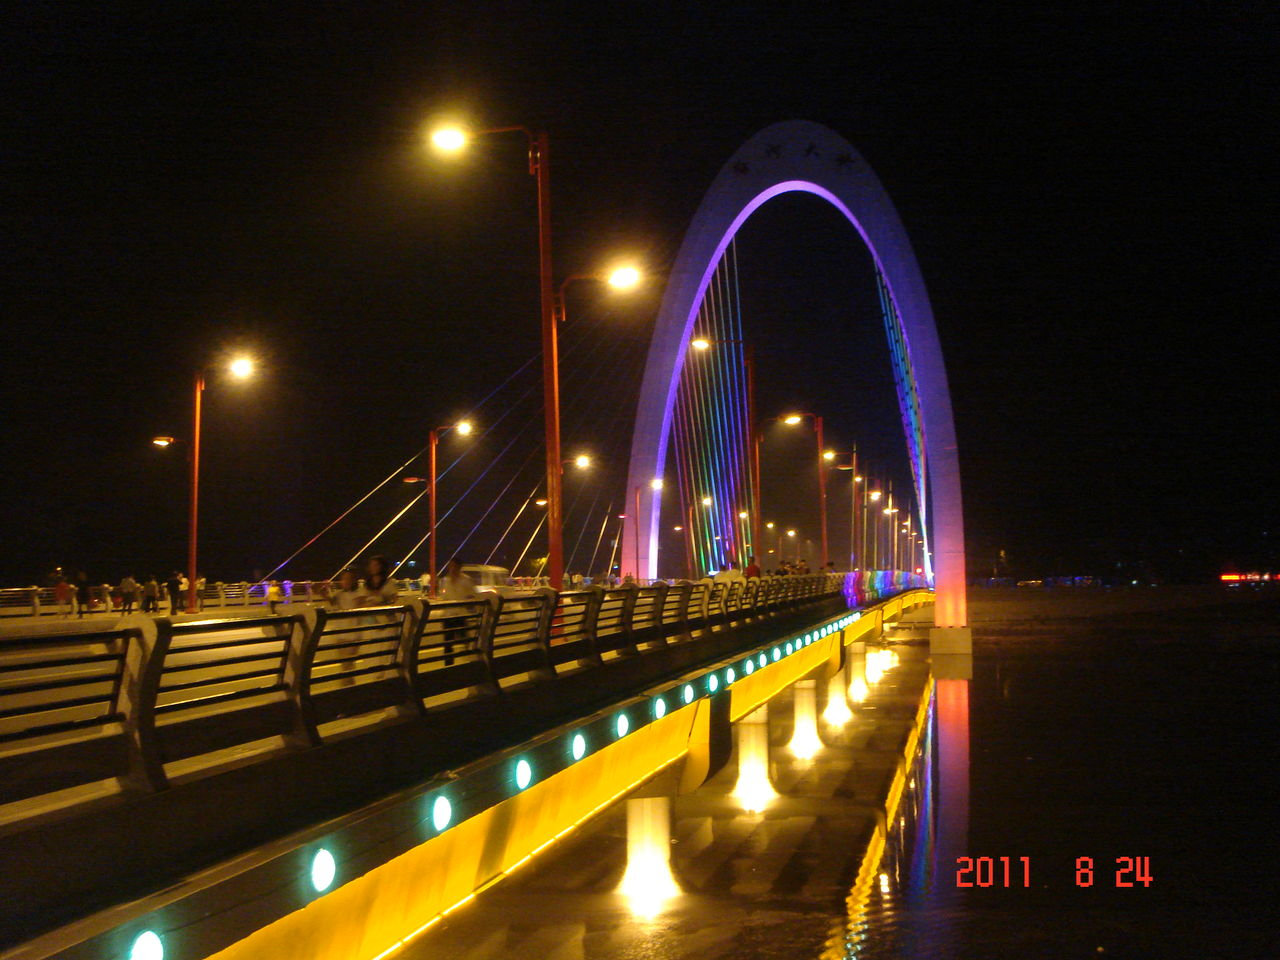 梅河��n��fz��.h�{�_梅河口大桥